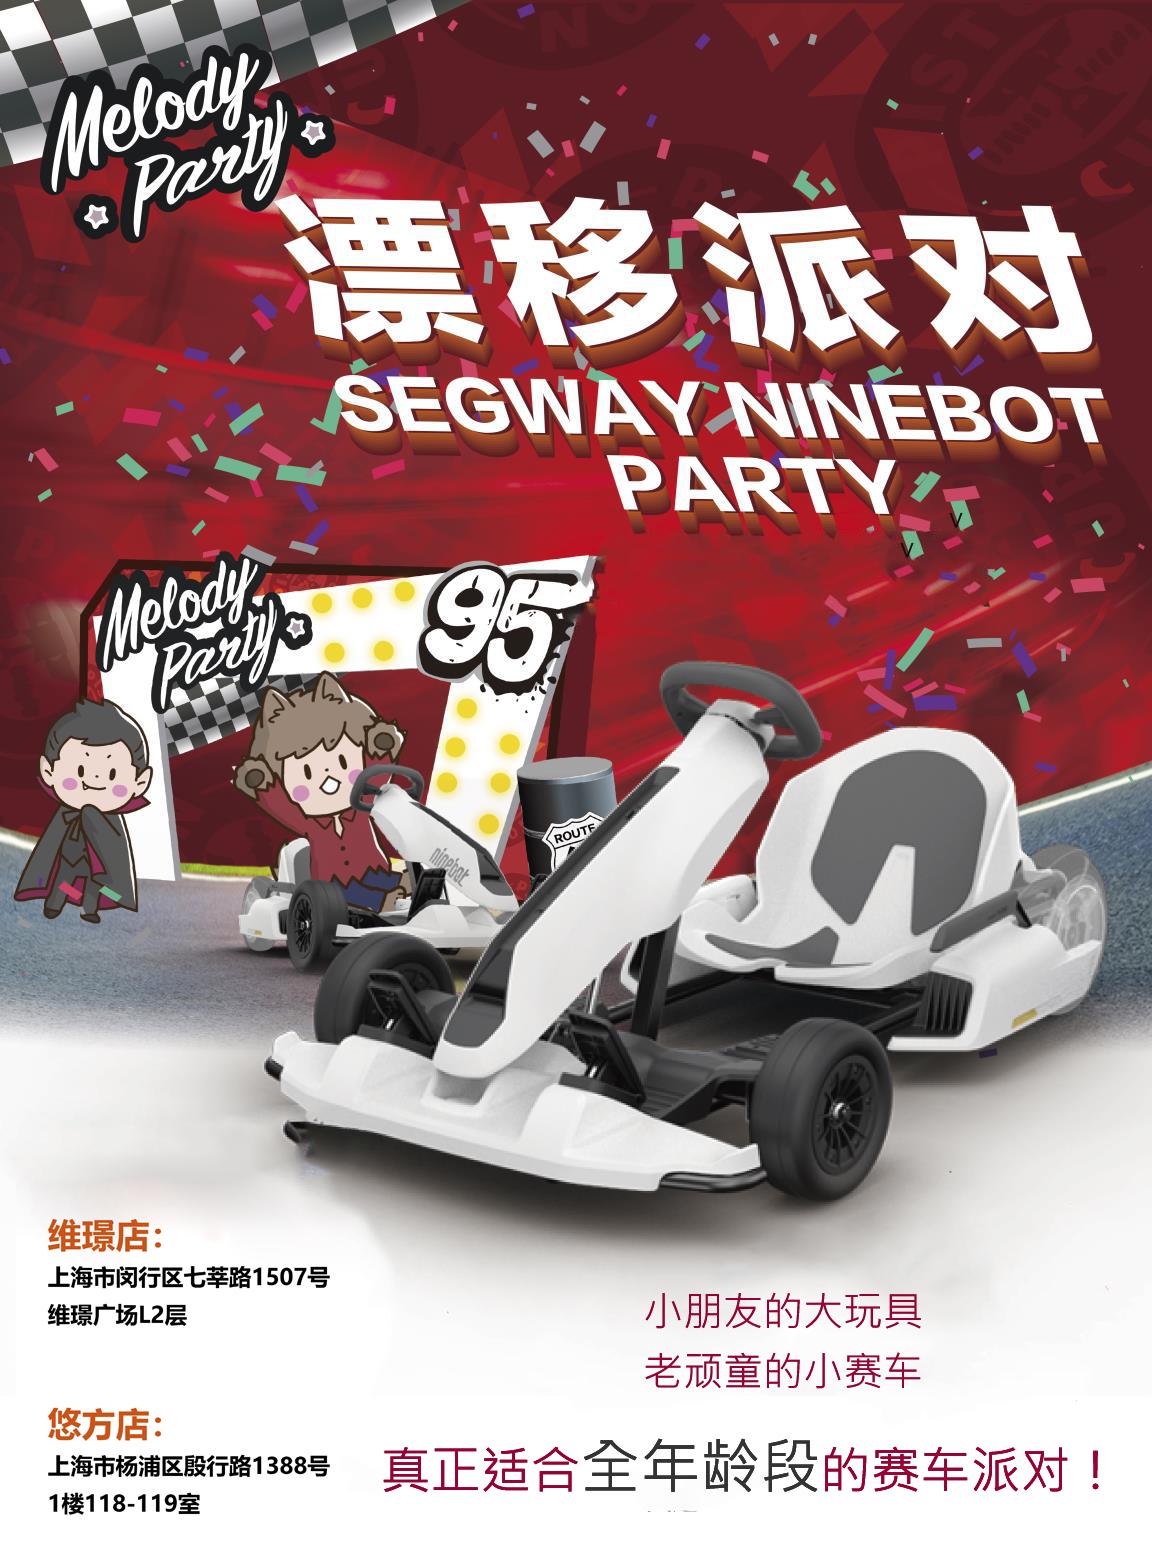 上海【Melody卡丁车】超级网红赛车带你体验飞驰人生!